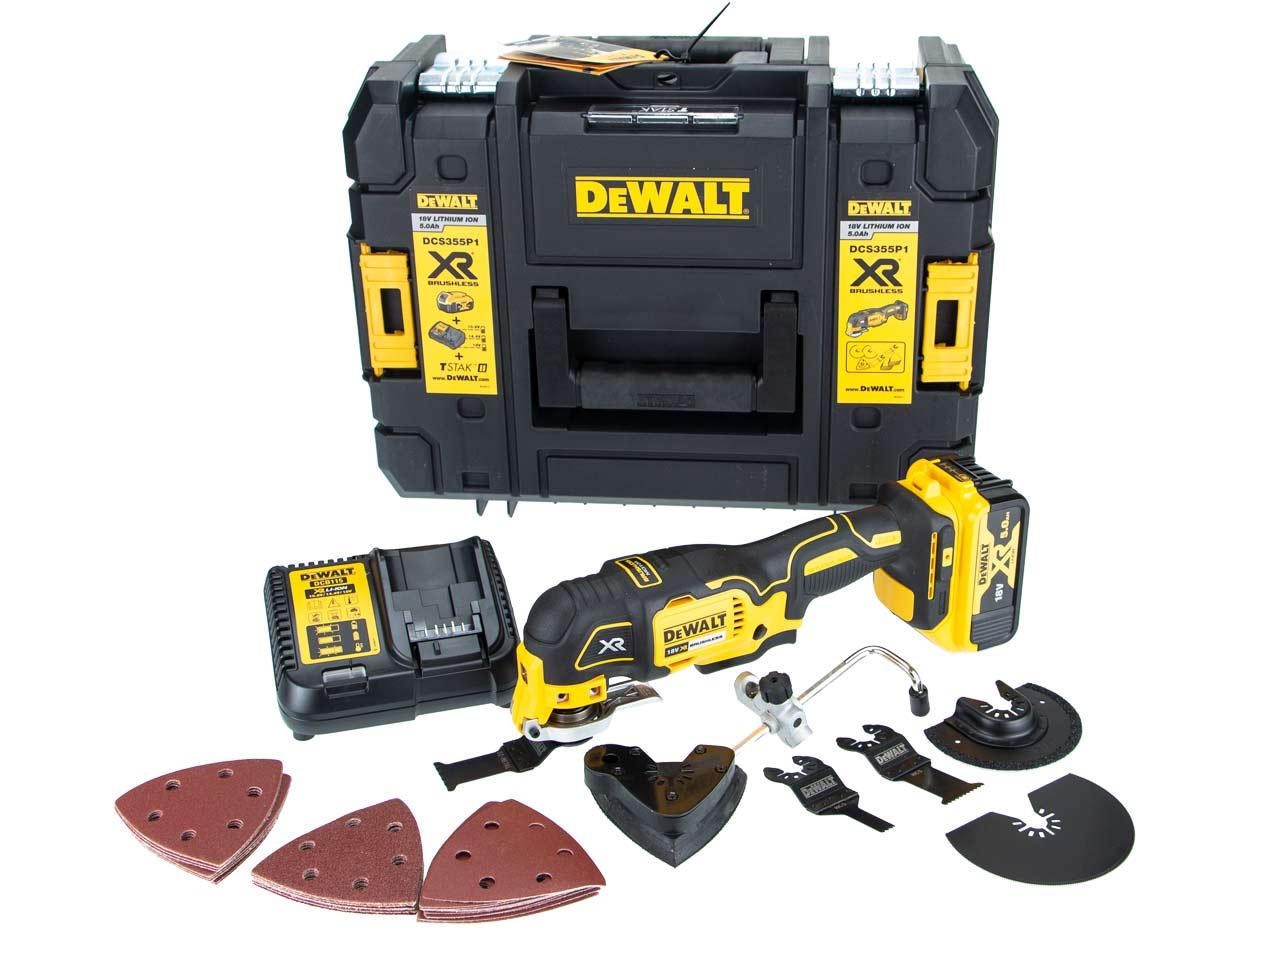 Dewalt DCS355P1 18v XR Brushless Oscillating Multi Tool 40 Accessory Kit 5.0AH